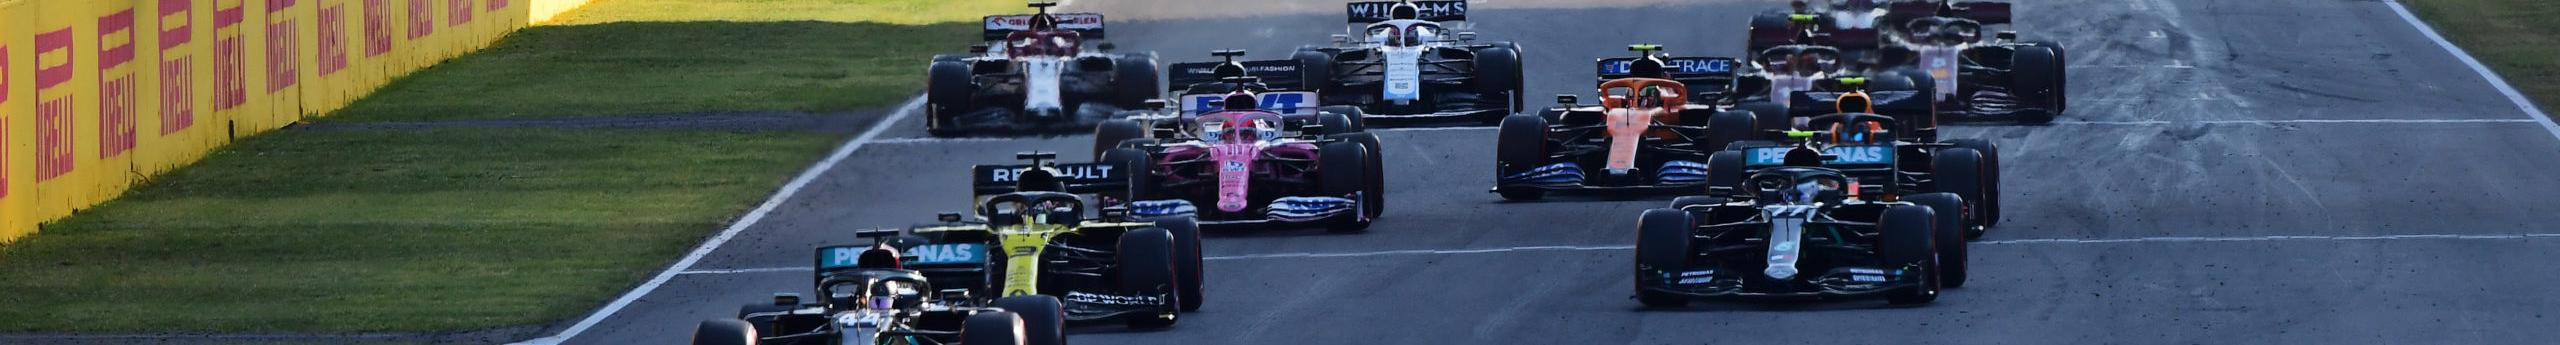 GP di Russia: a Sochi ha vinto sempre la stessa auto, indovinate quale?